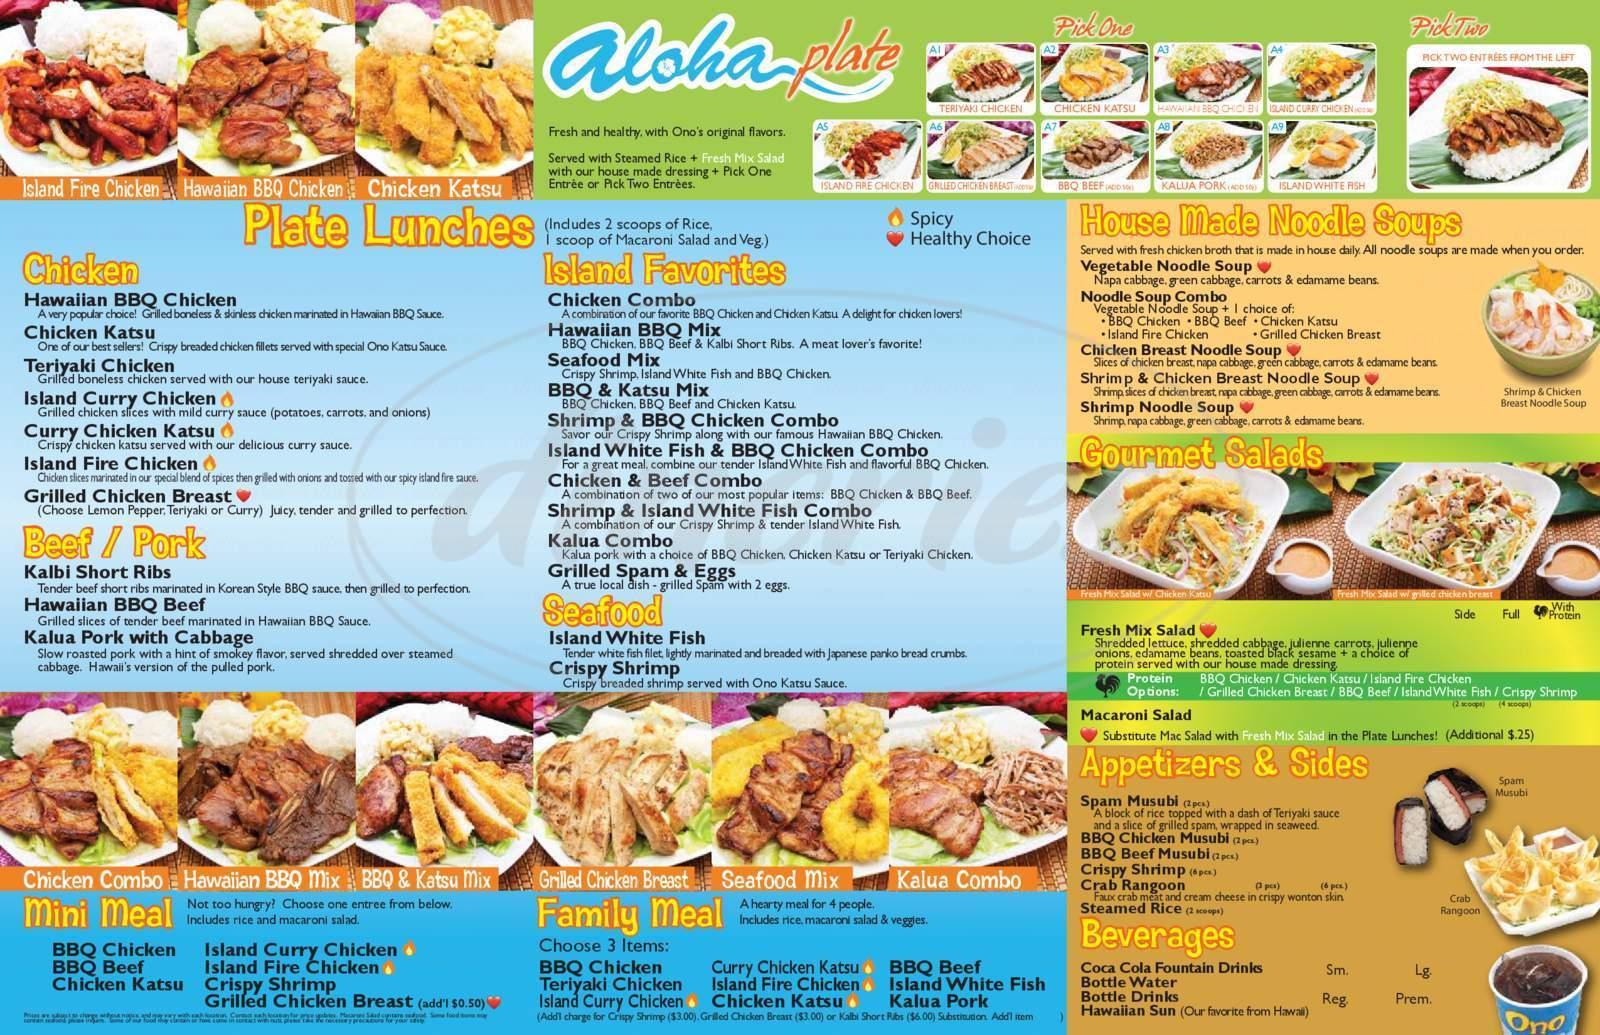 menu for Ono Hawaiian BBQ